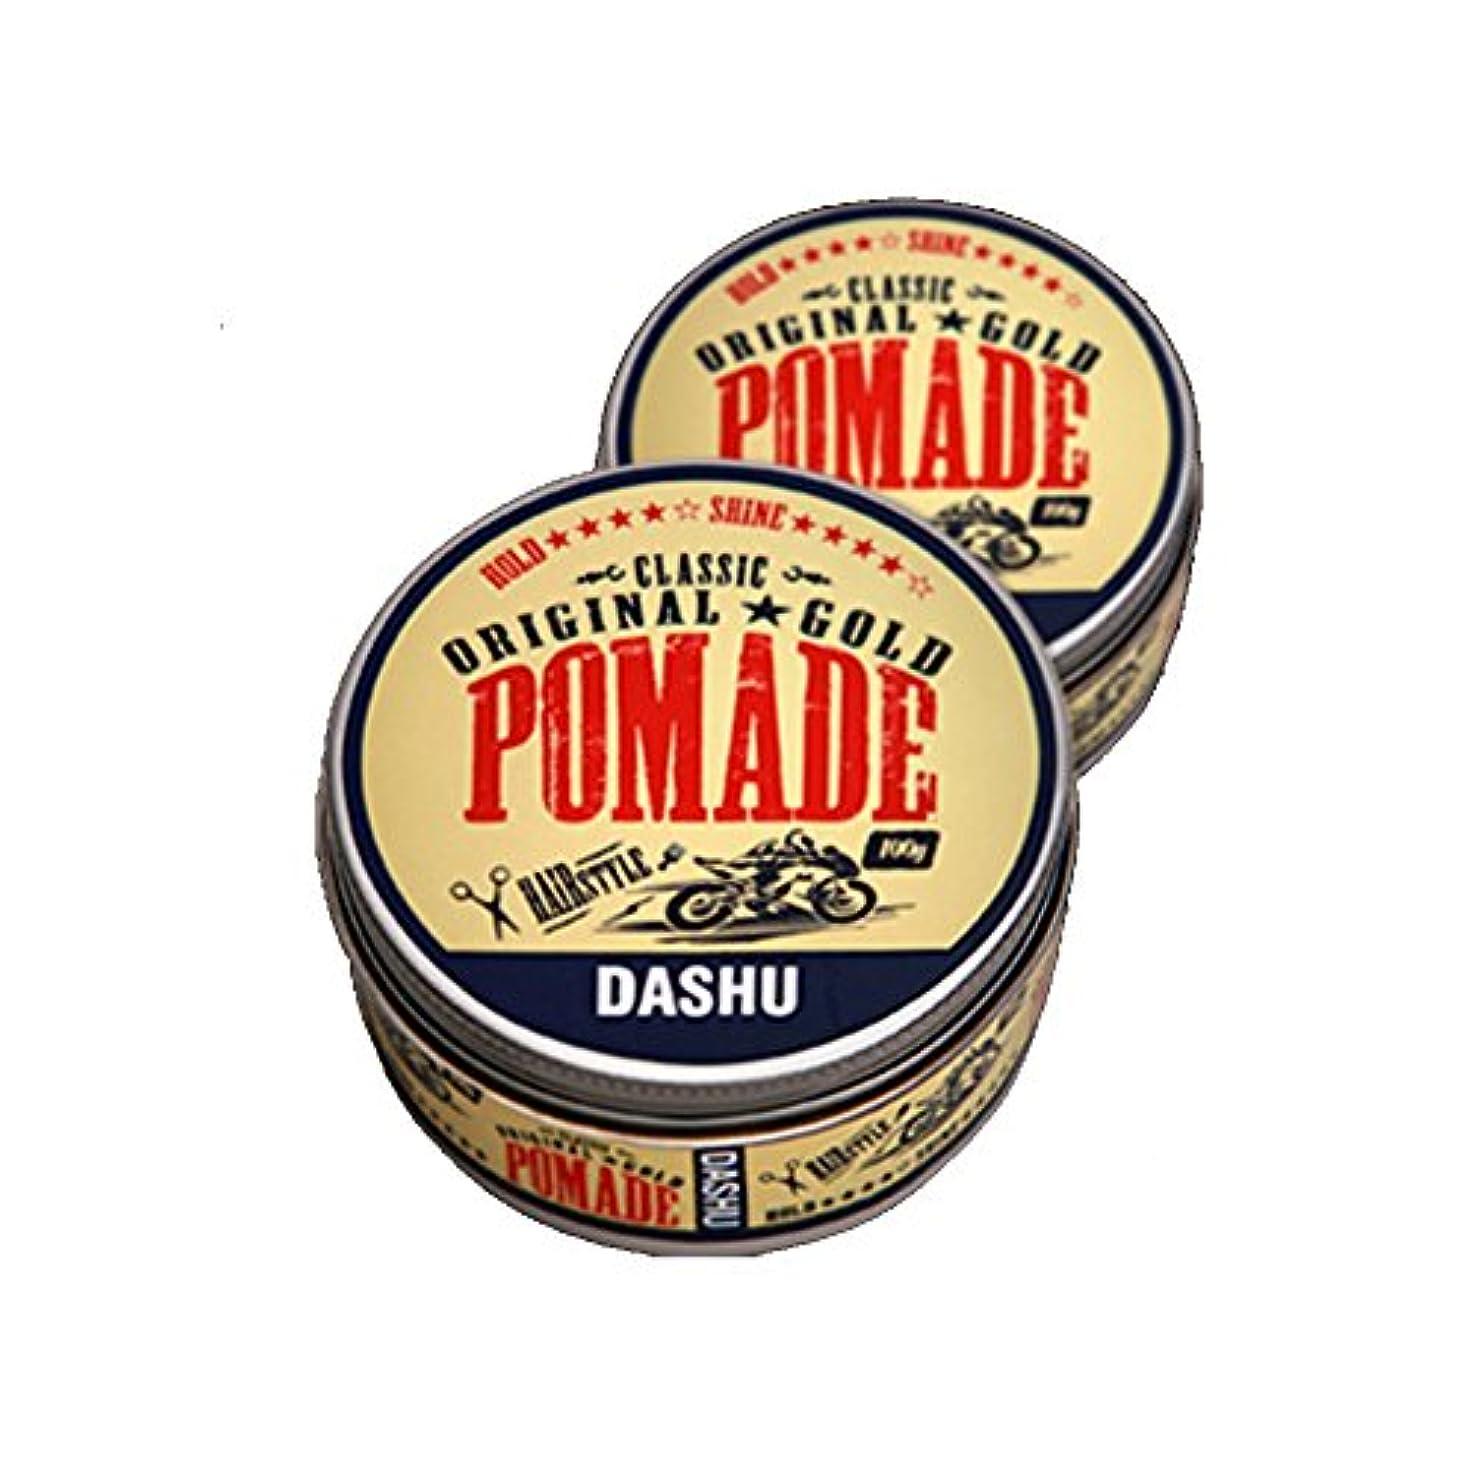 インフラ病んでいる交じる(2個セット) x [DASHU] ダシュ クラシックオリジナルゴールドポマードヘアワックス Classic Original Gold Pomade Hair Wax 100ml / 韓国製 . 韓国直送品